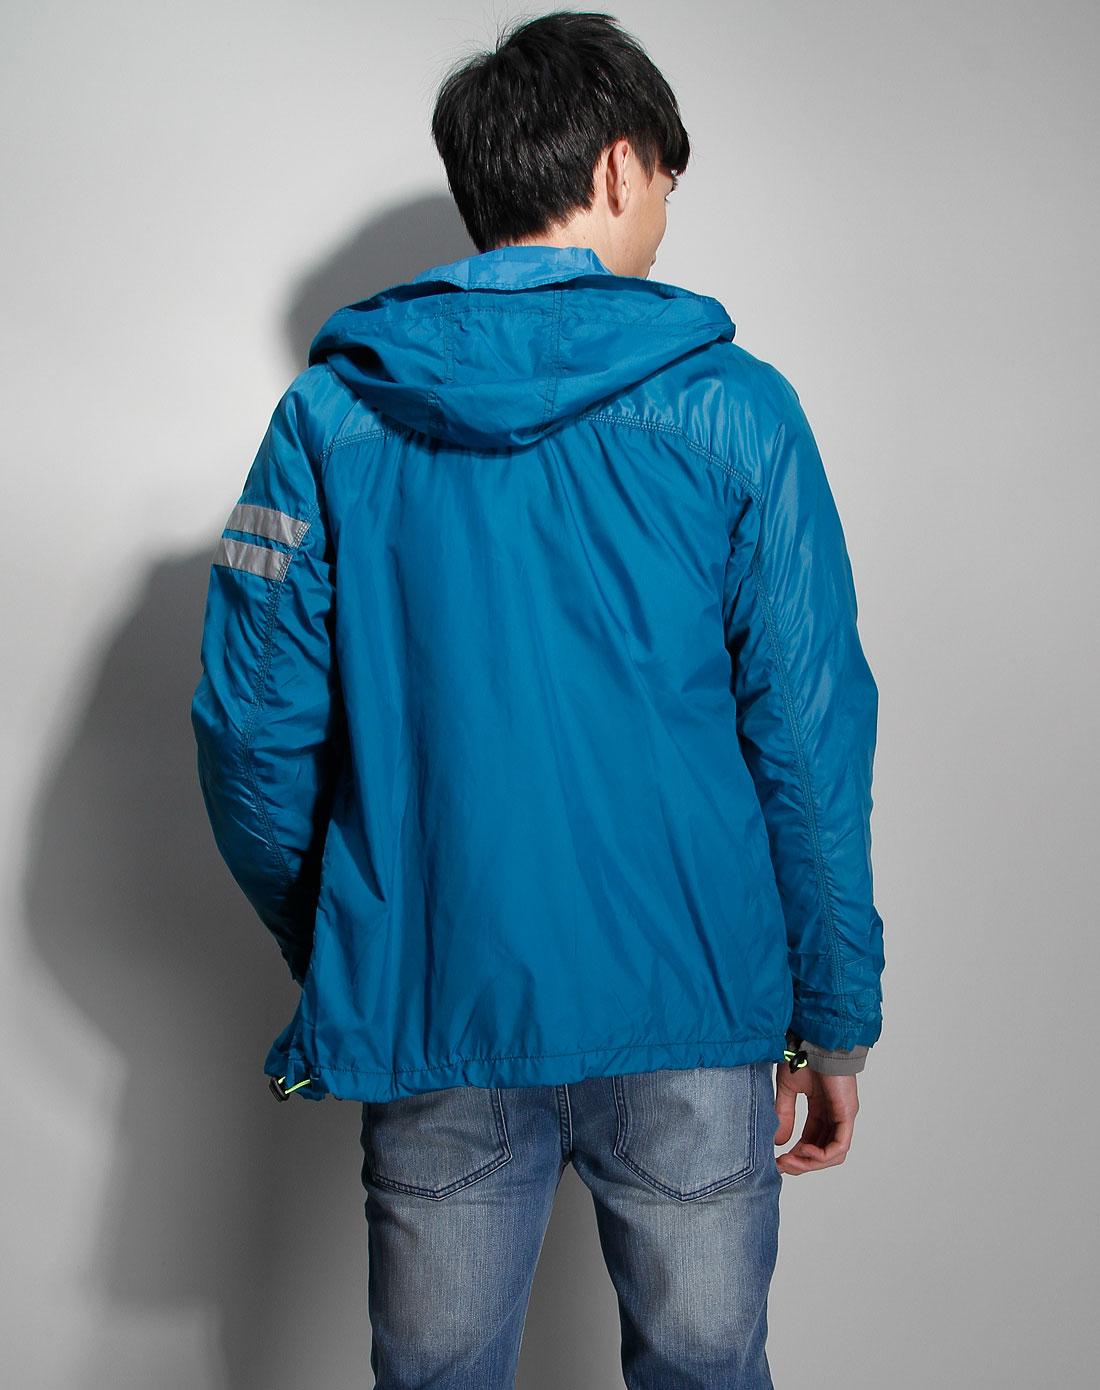 湖蓝色时尚长袖外套